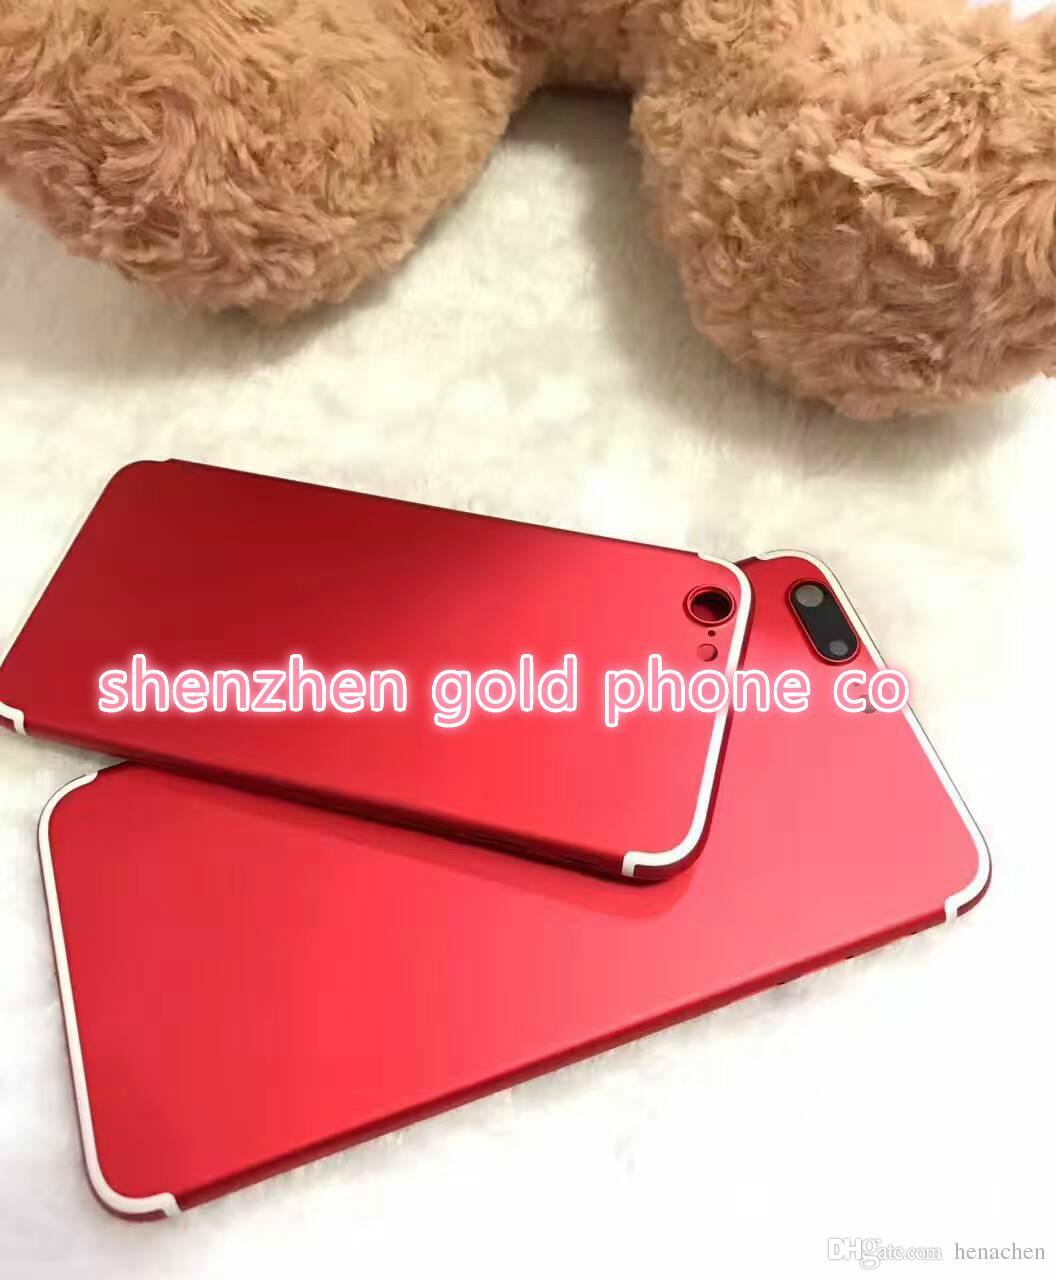 Acquista Nuovo Colore Rosso Custodia Posteriore Iphone 7 Matte Red